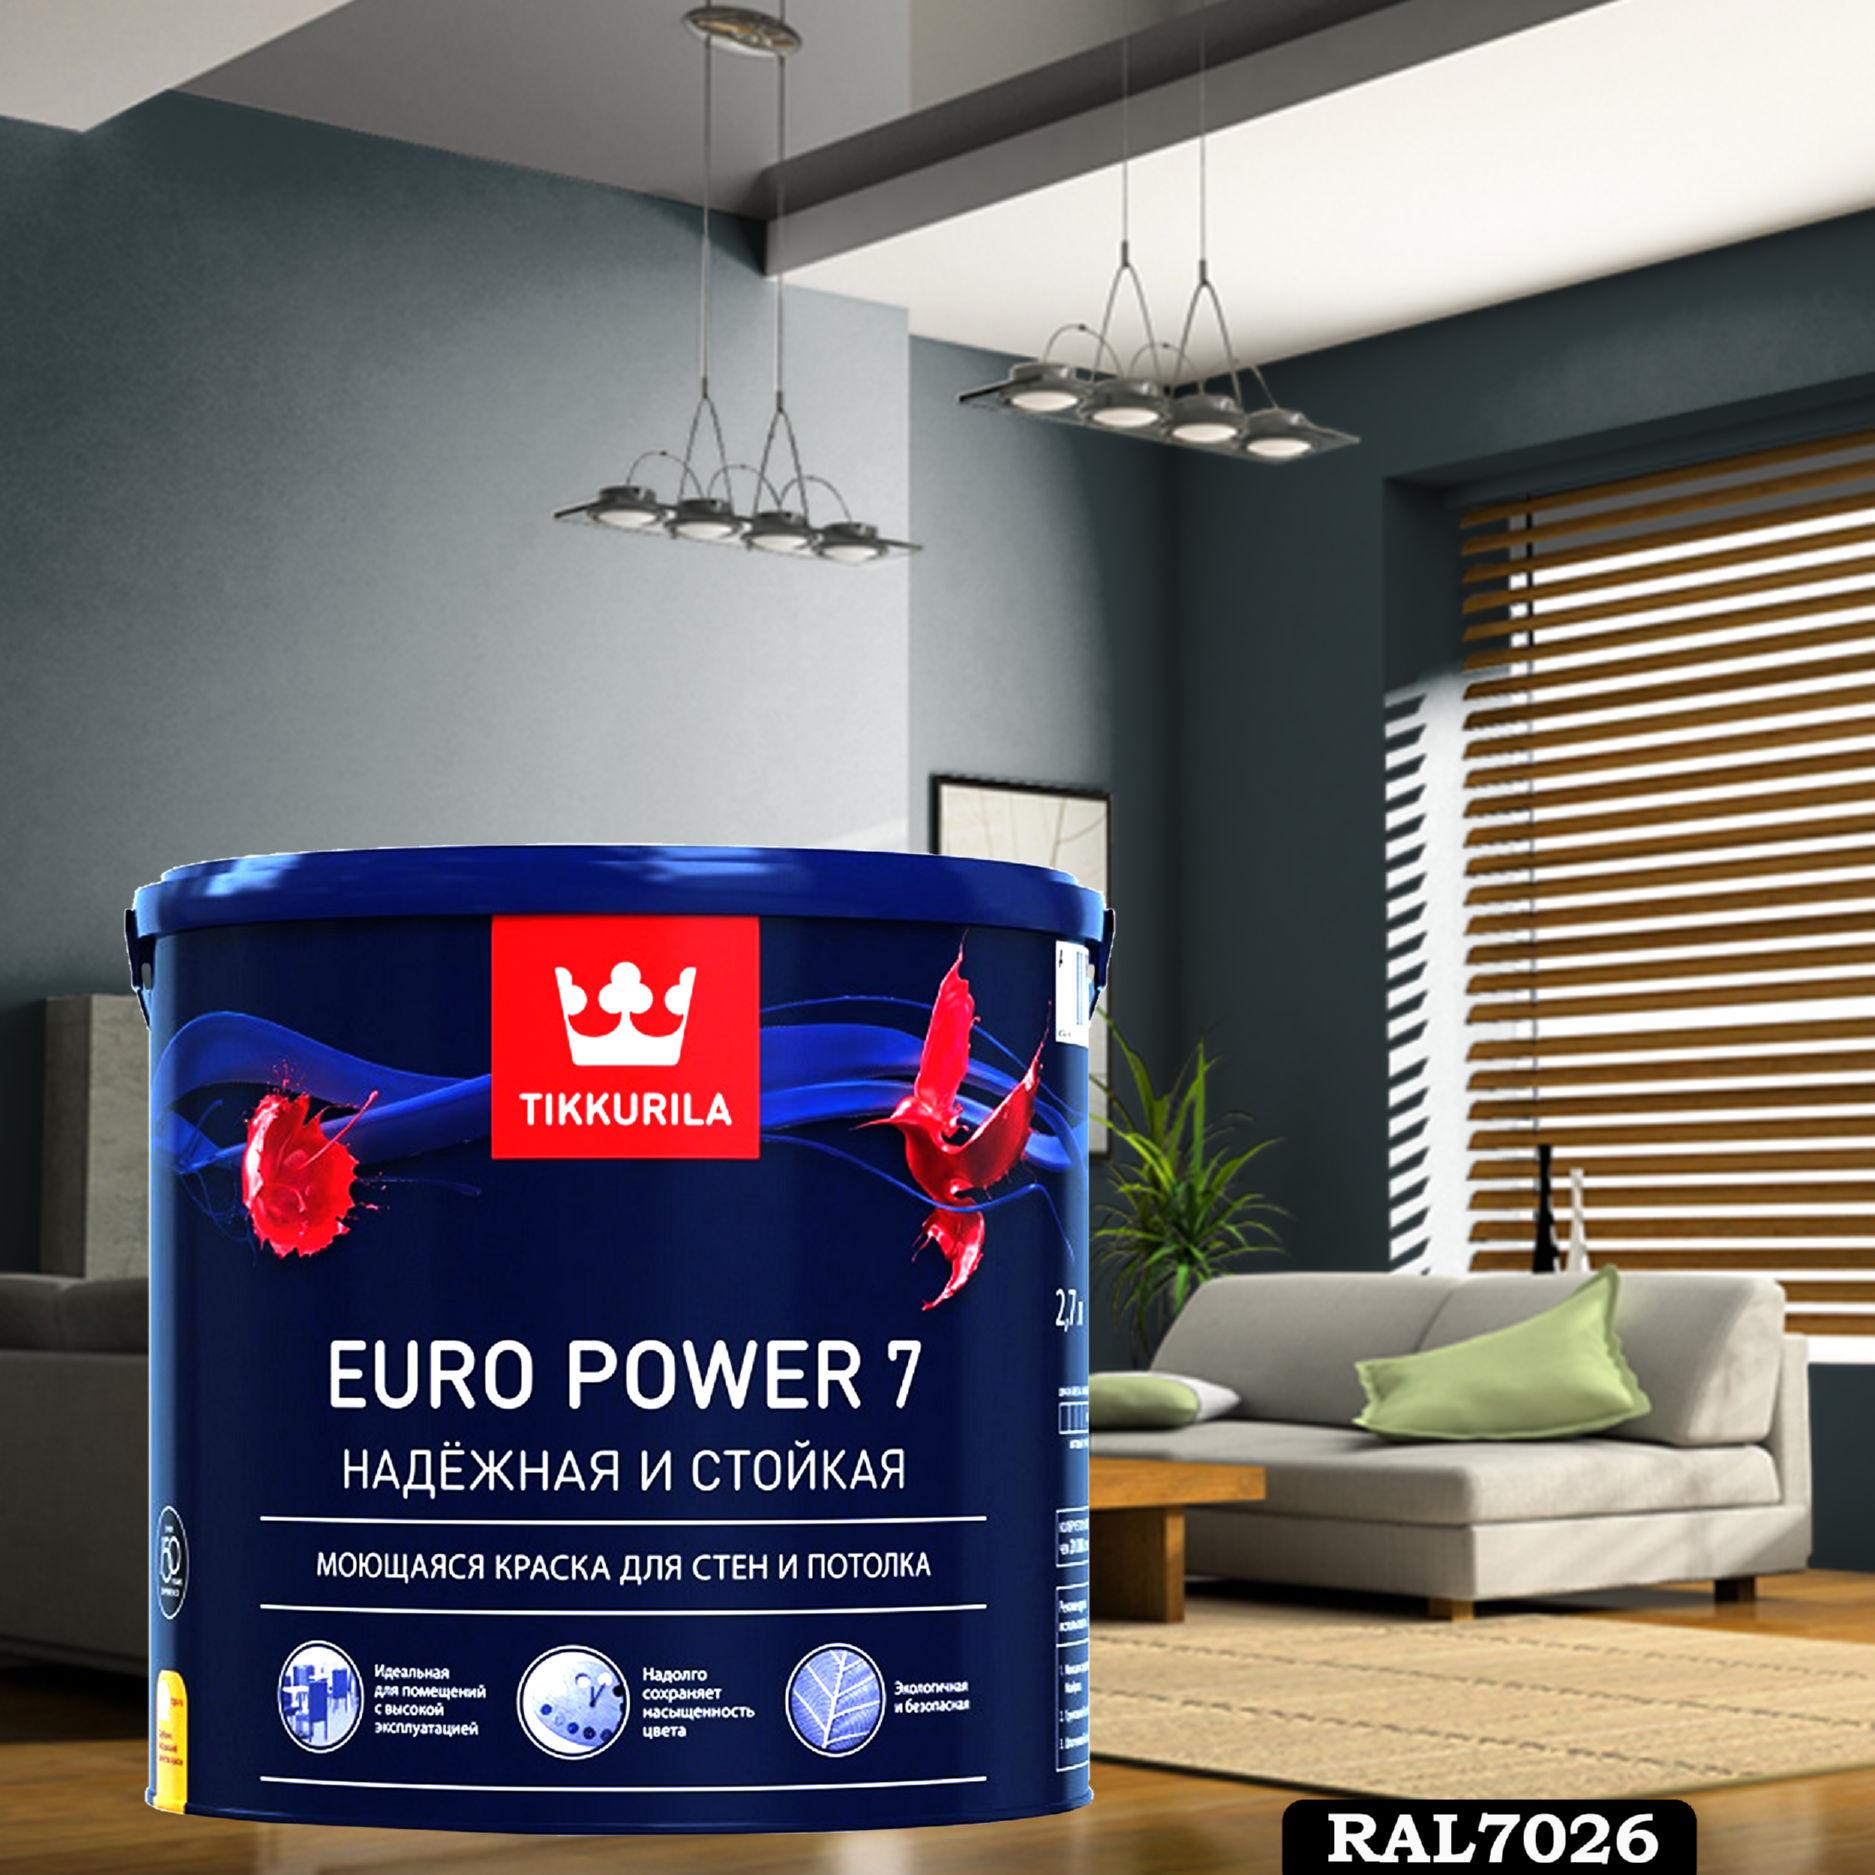 Фото 20 - Краска TIKKURILA Euro Power 7,  RAL 7026 Серый-гранит, латексная моющаяся матовая интерьерная, 9 л.